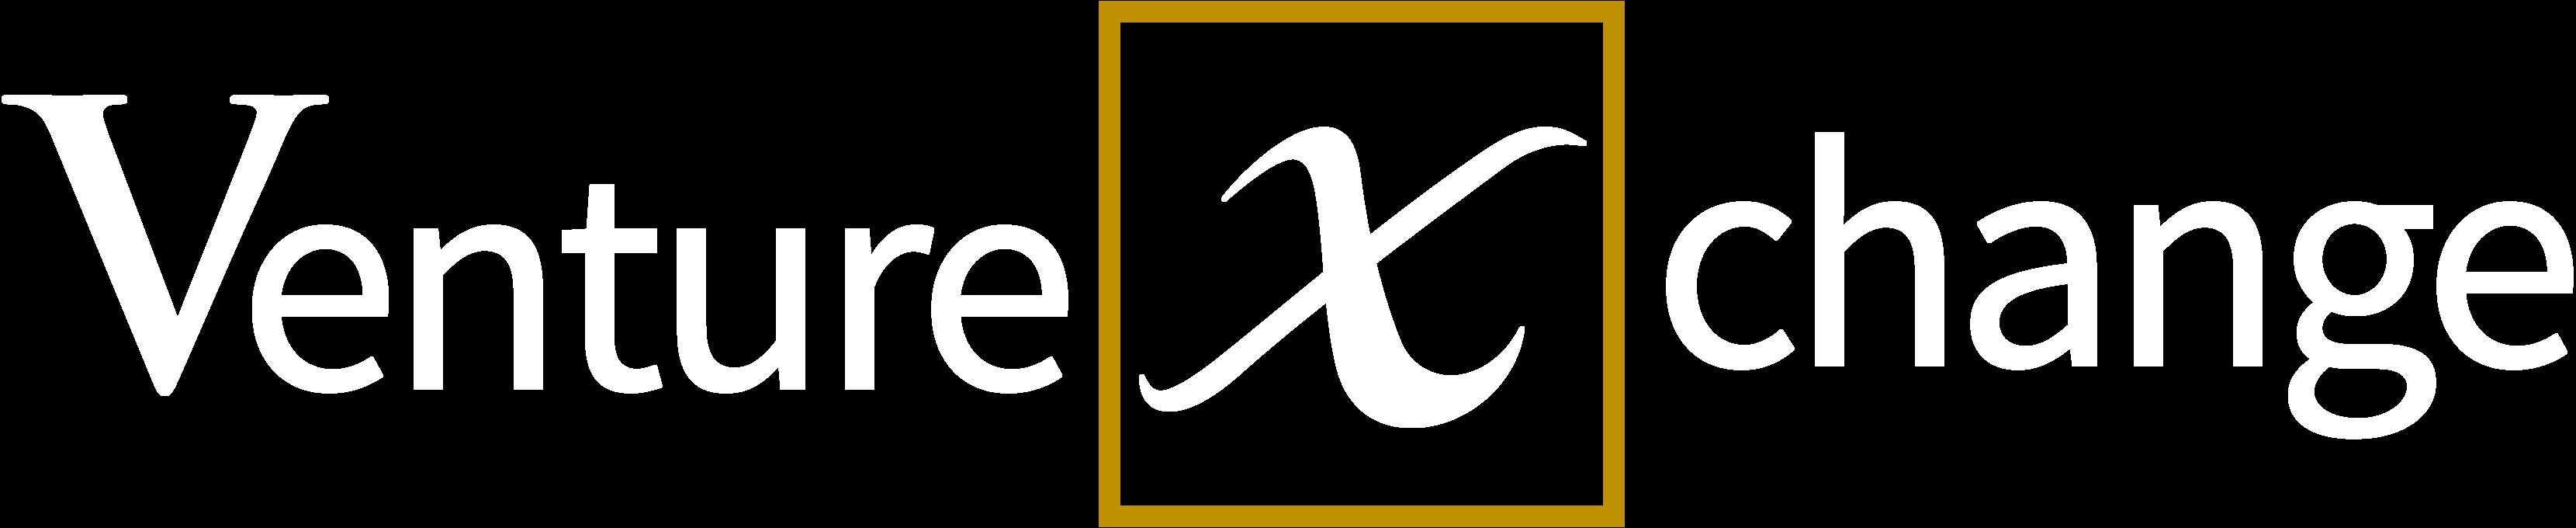 Venturexchange white